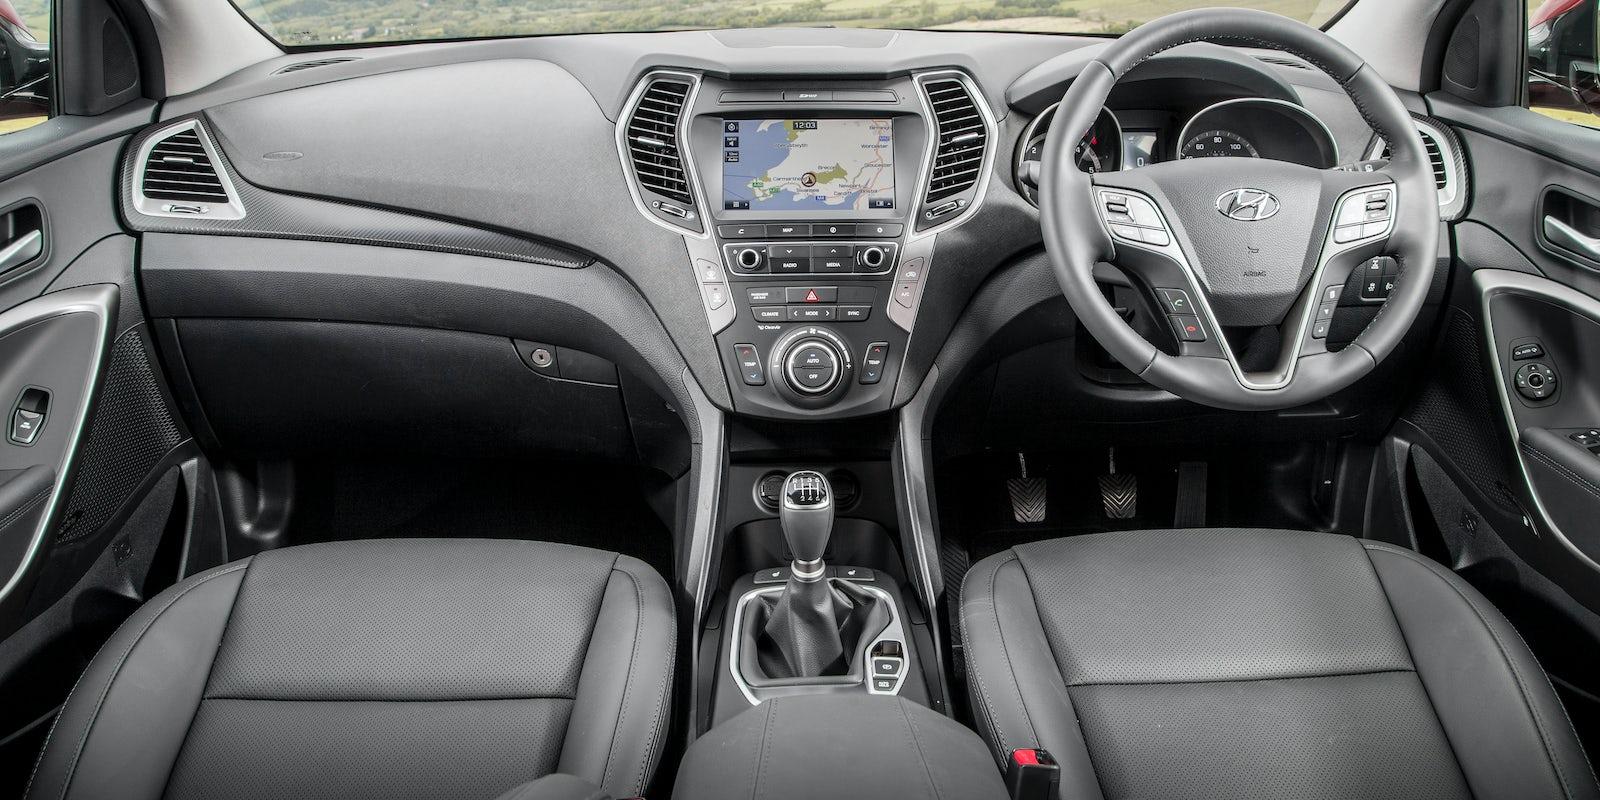 Hyundai Santa Fe Review Carwow